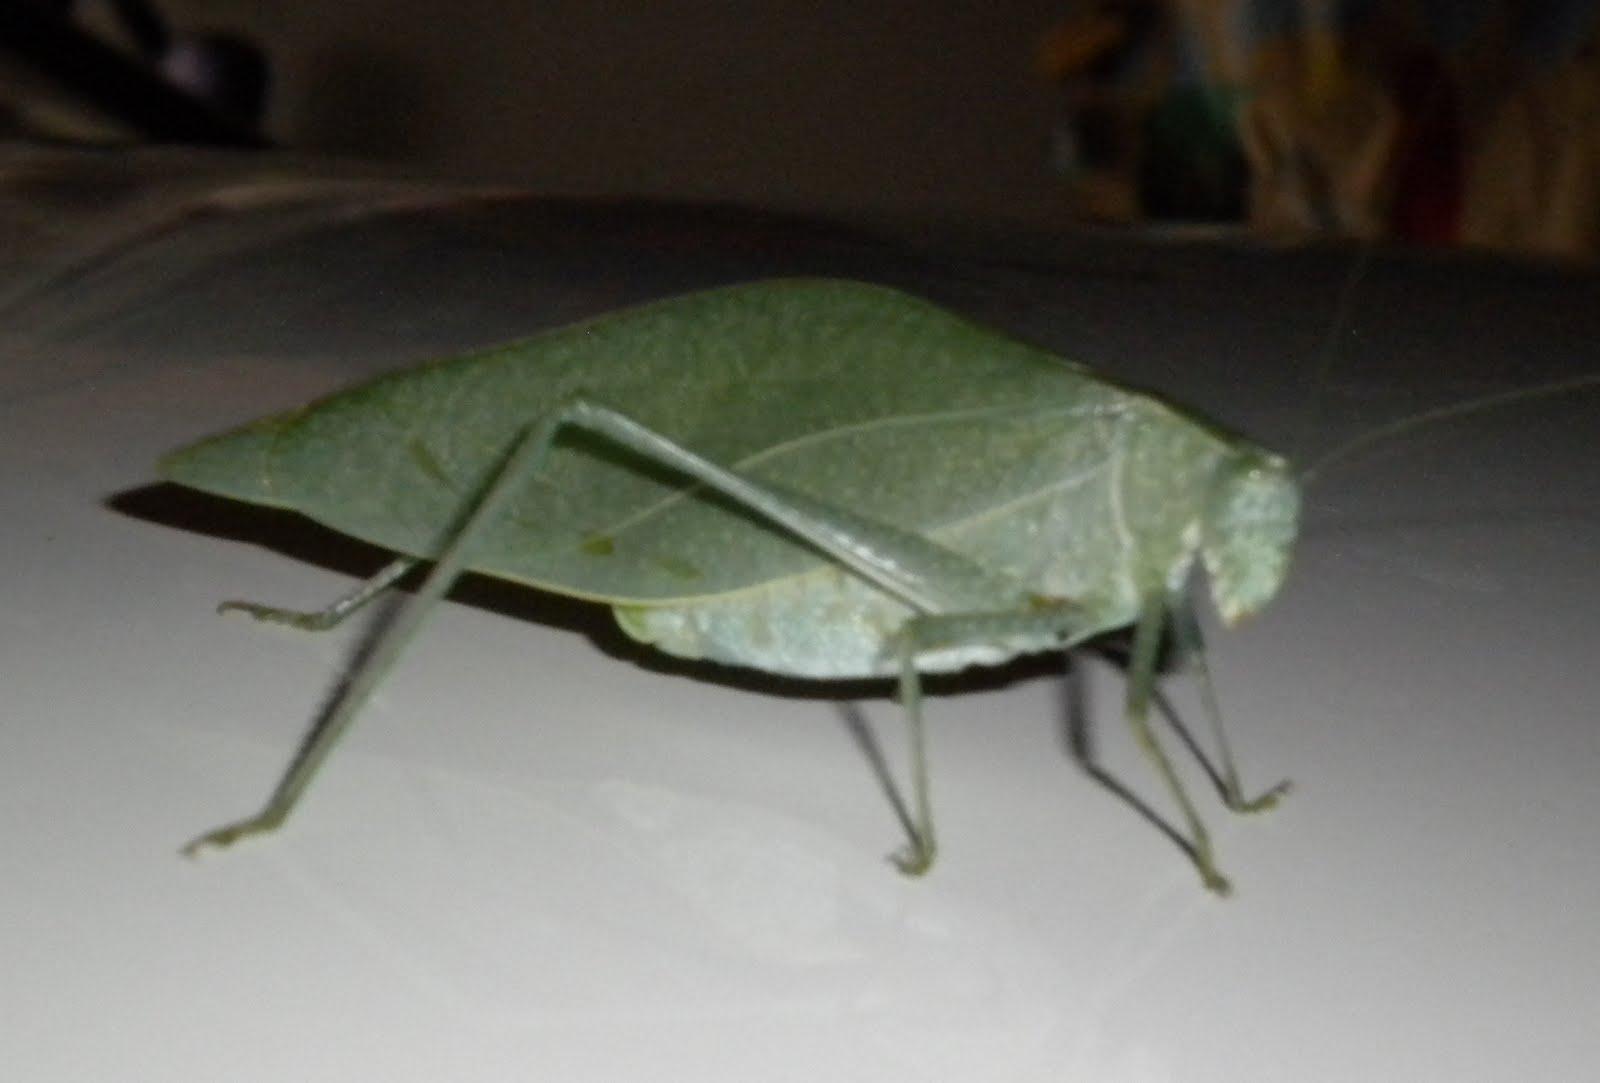 FuchsiaStars® LunarNotes: ☆♥*♥☆ Leaf Insect Wisdom ☆♥*♥☆